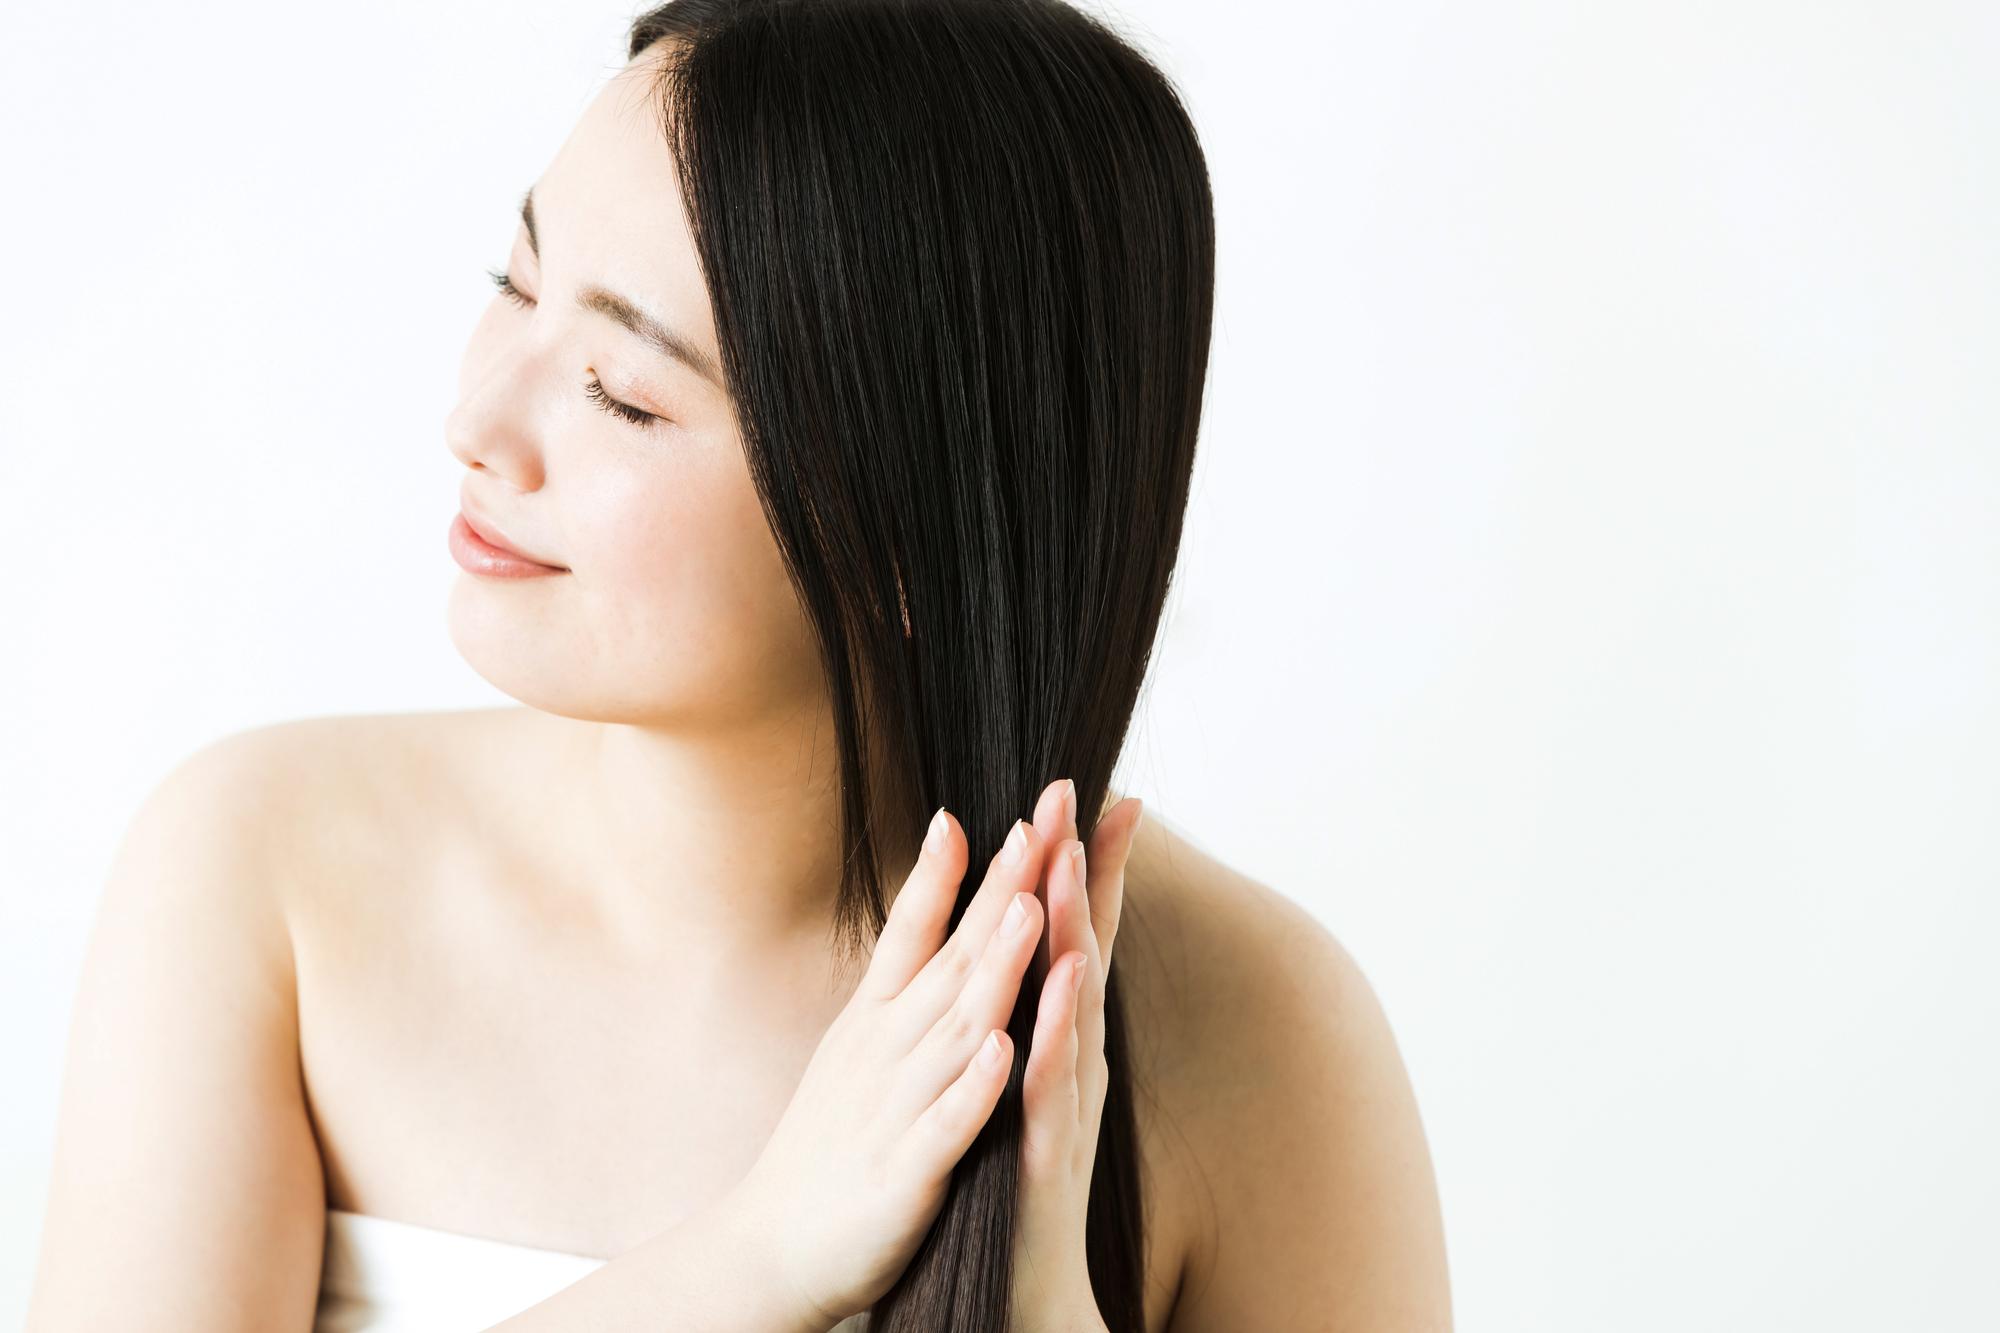 美容師おすすめのヘアオイルの選び方は保湿成分に注目すること